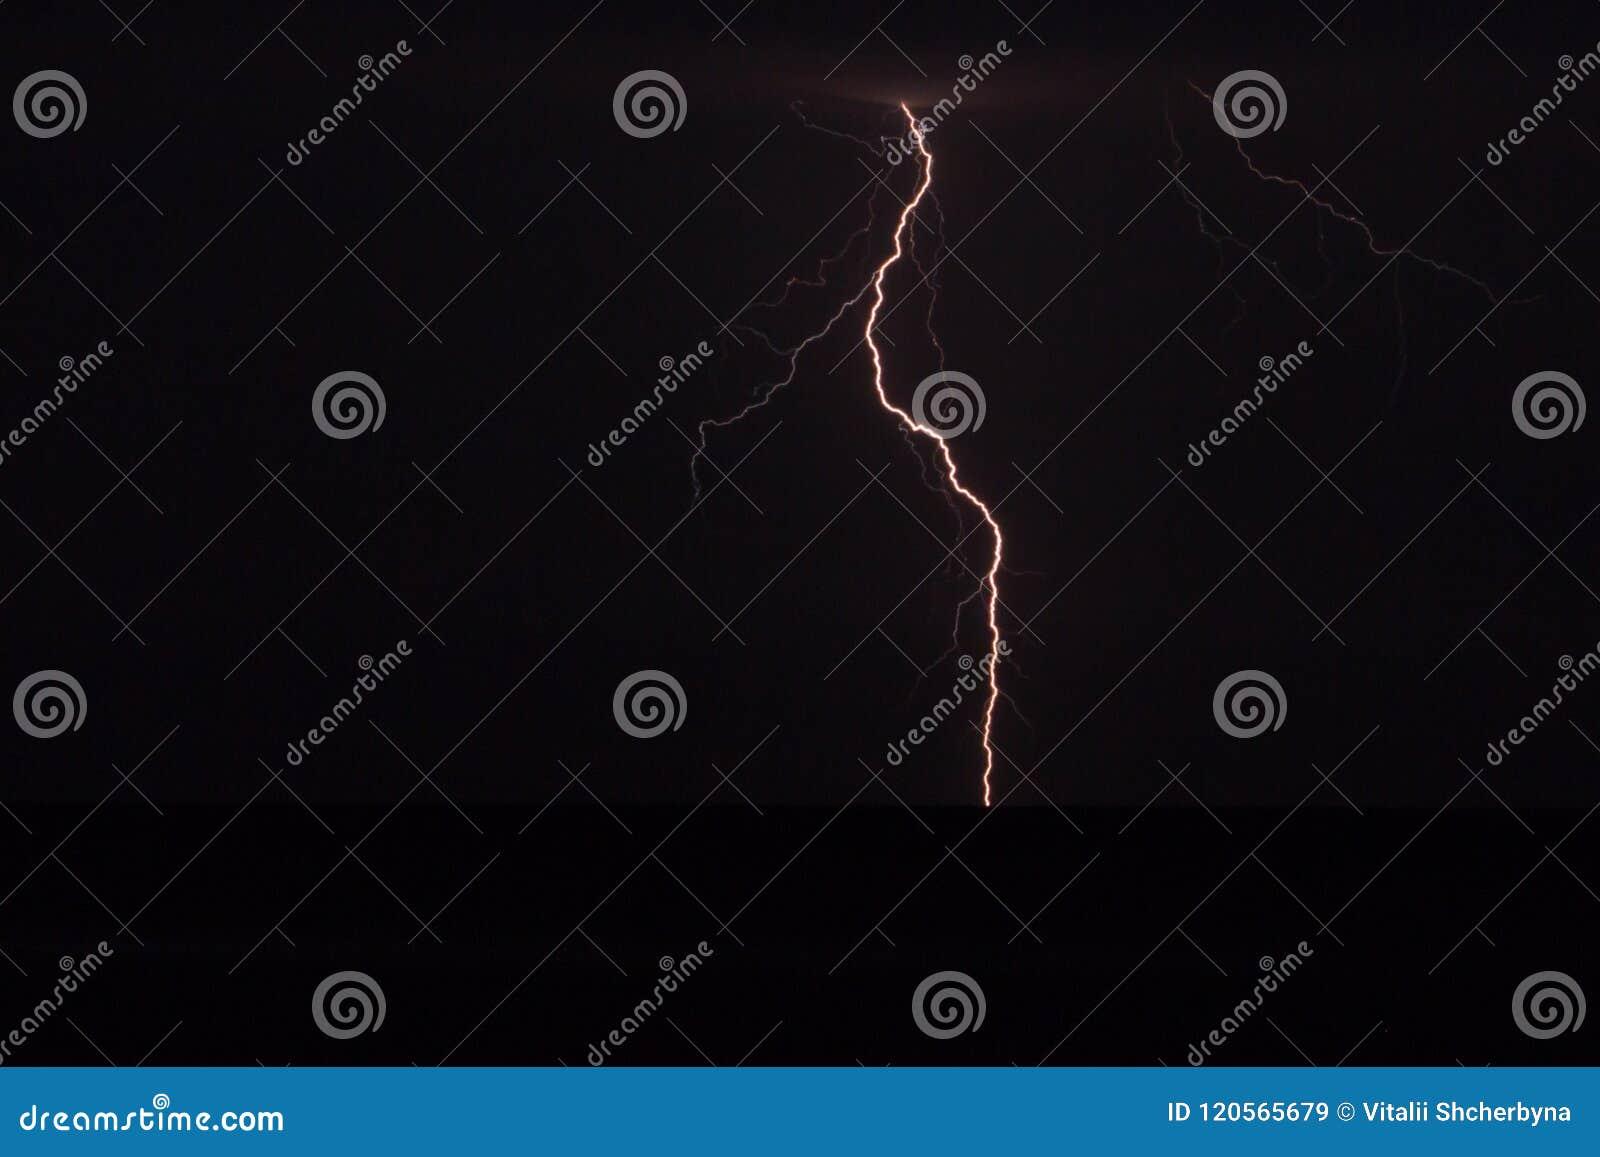 Fantastische mening die van elektrische firebolt neer naar de grond, klimaat opvlammen